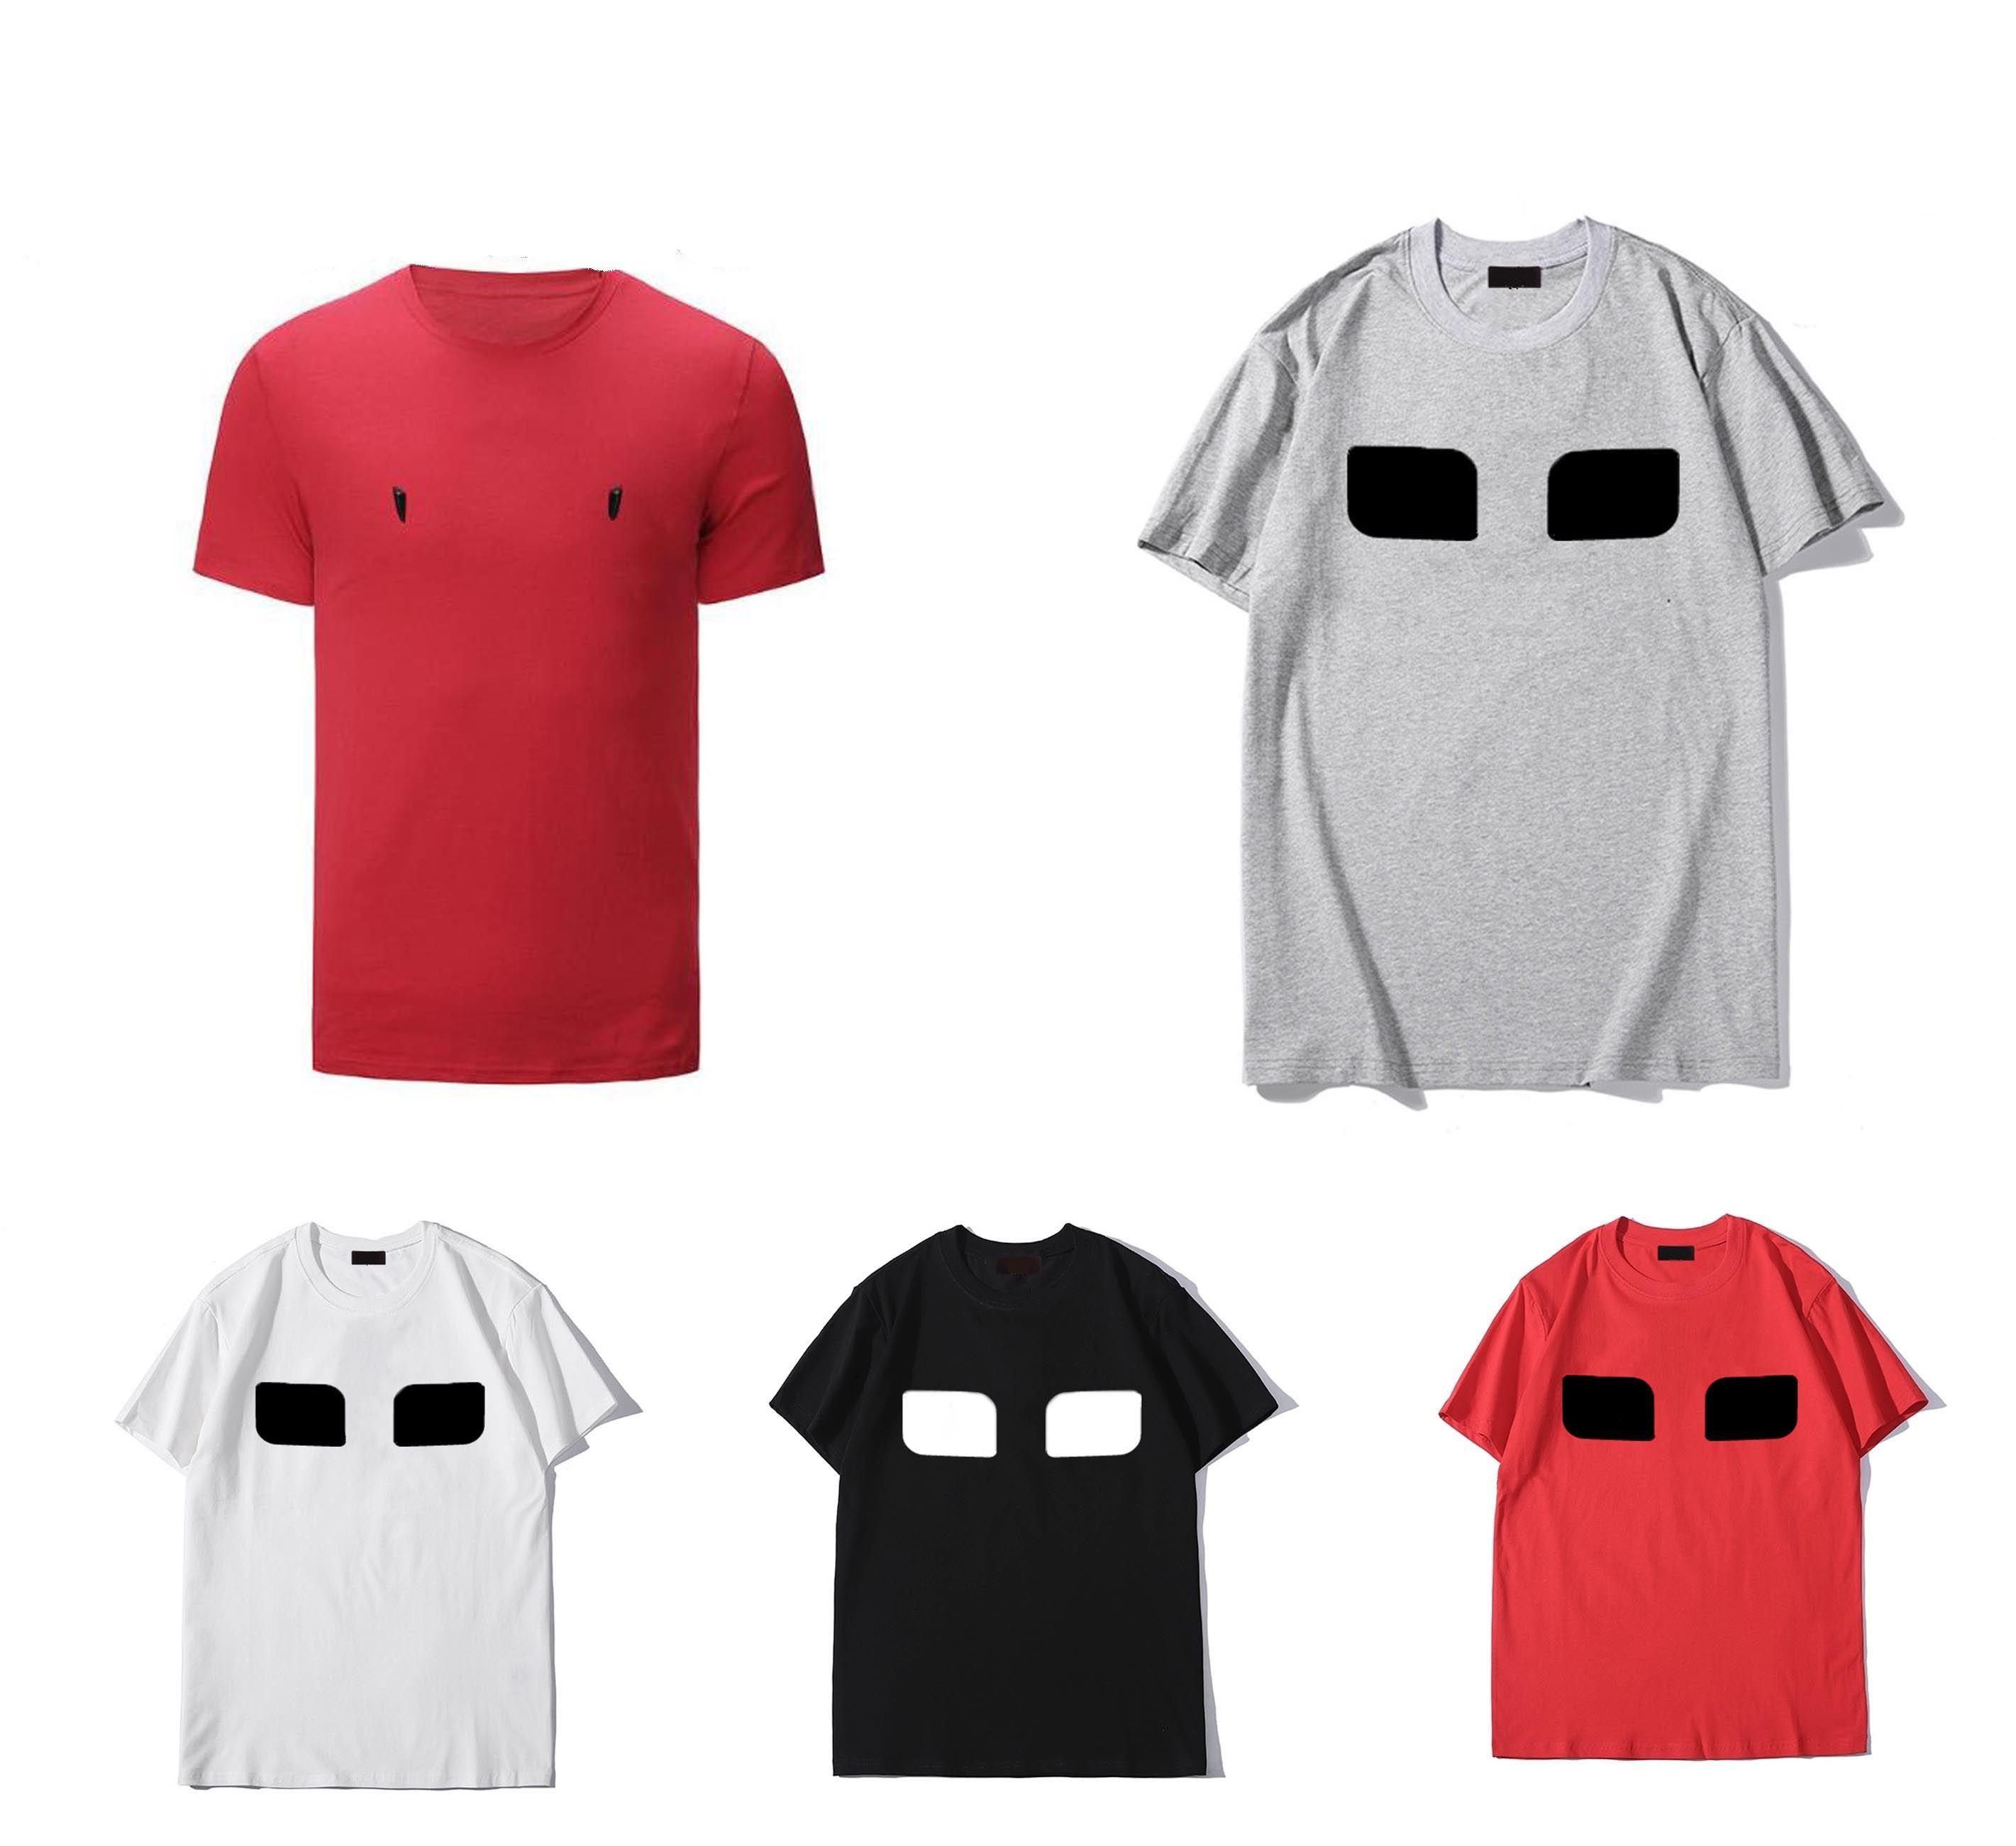 عيون الرجال القمصان الصيف قصيرة الأكمام الأزياء المطبوعة قمم عارضة الرجال تيز طاقم الرقبة الملابس 21ss 7 ألوان M-3XL